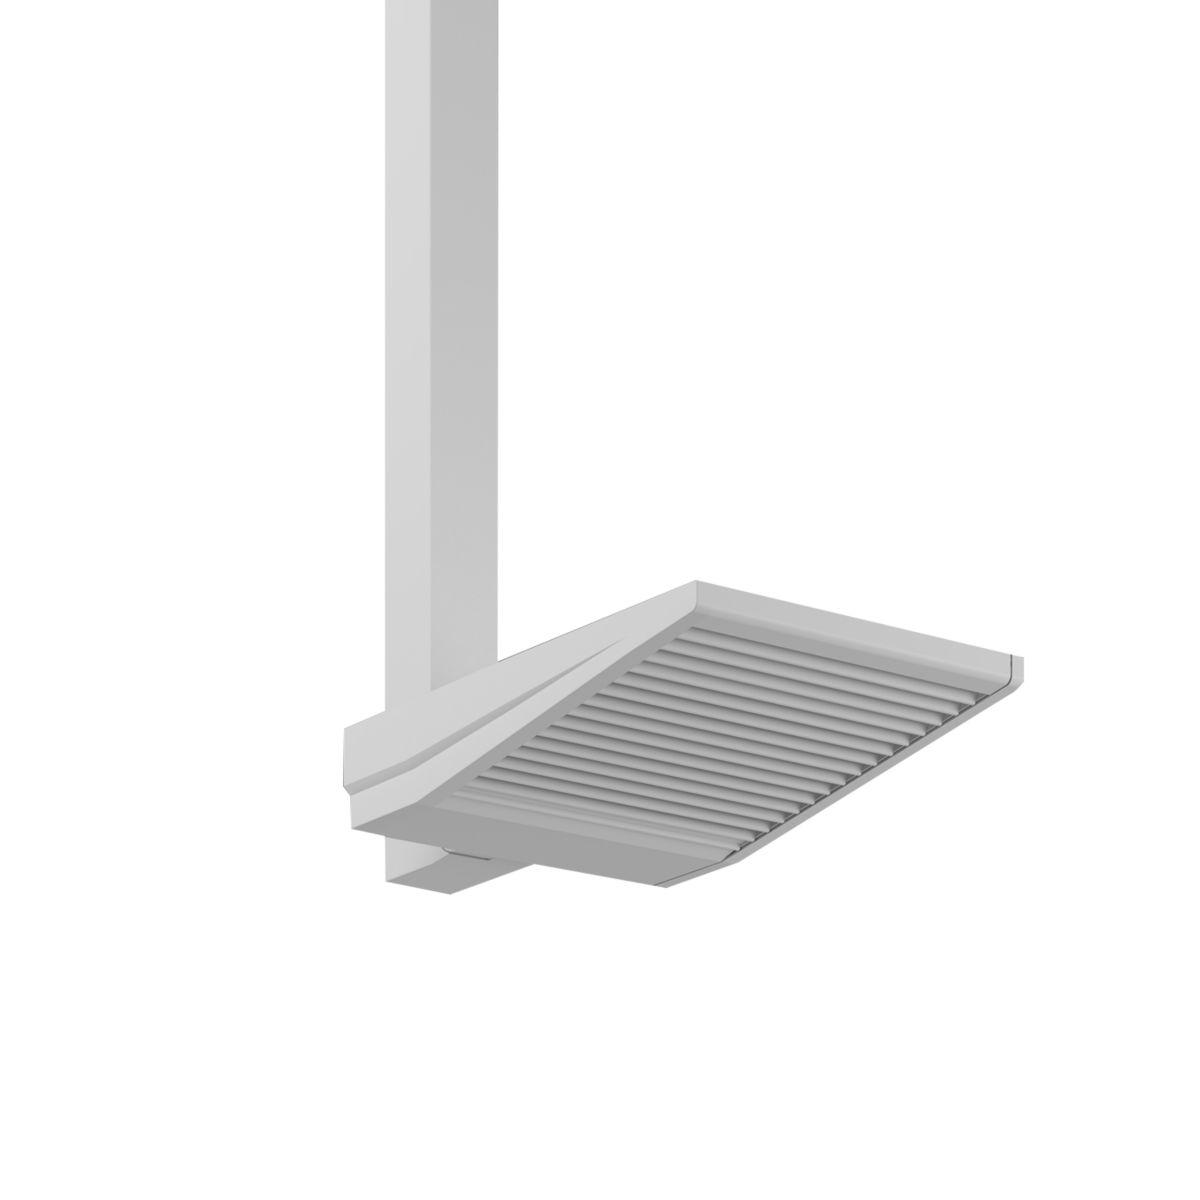 ASYX 2 LED Asymmetric Floodlight - Single Pendant